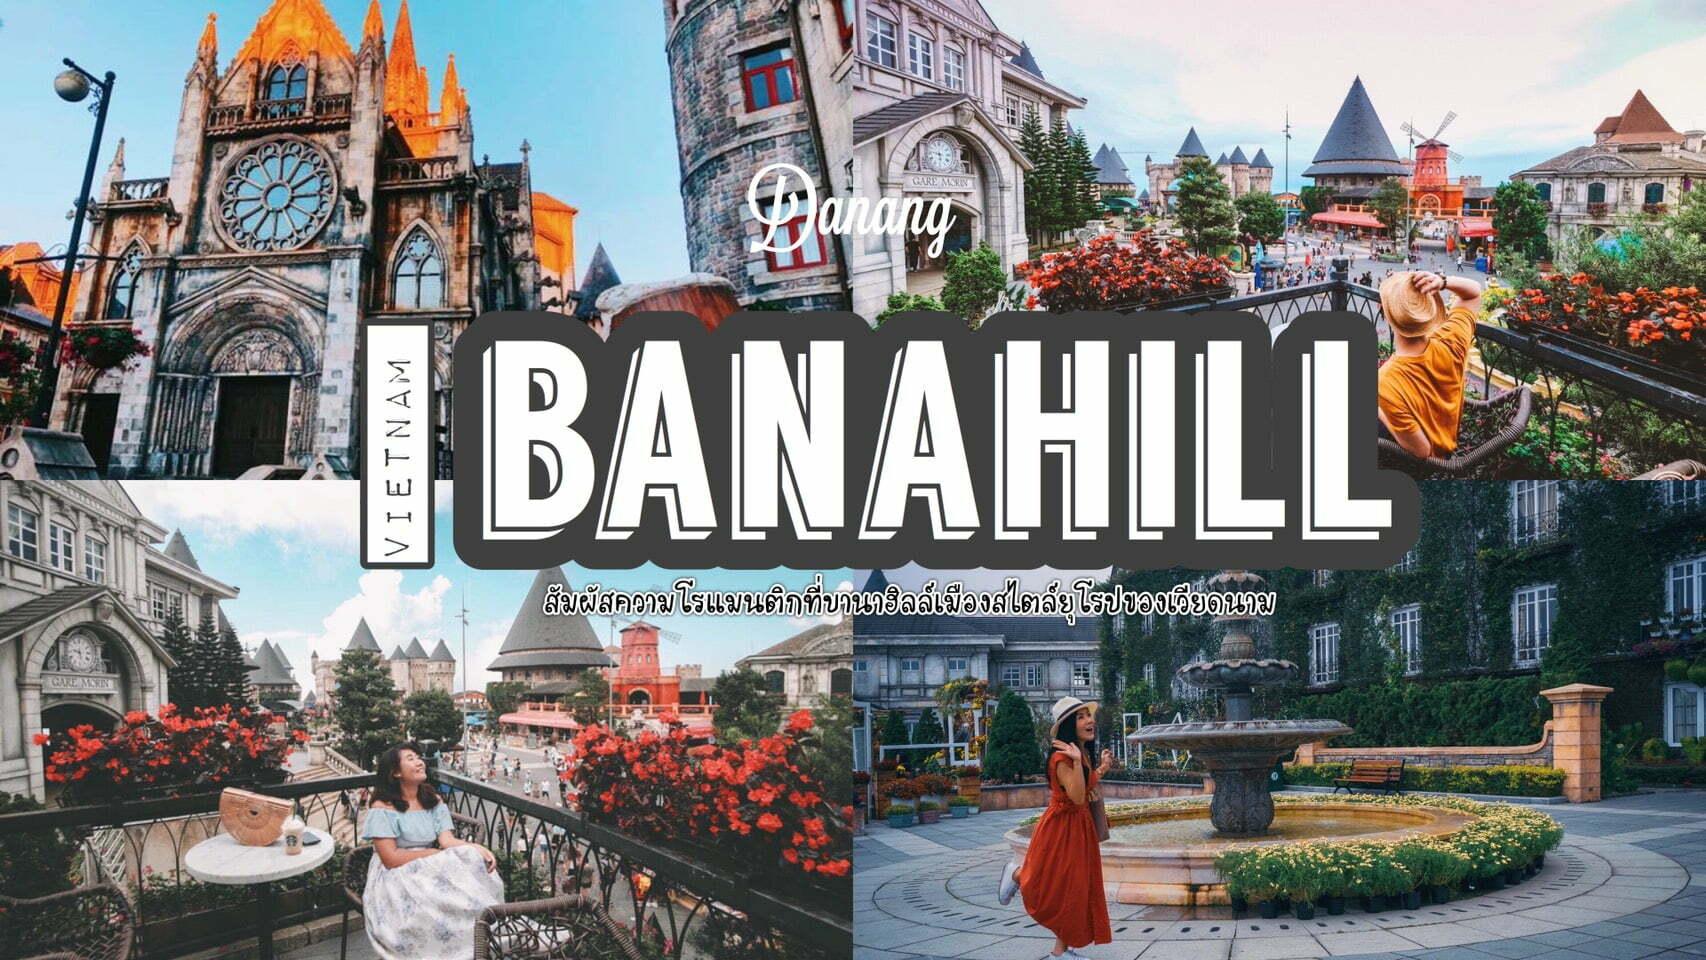 สัมผัสความโรแมนติกของฝรั่งเศสโบราณที่ บาน่าฮิลล์เมืองสไตล์ยุโรปของเวียดนาม